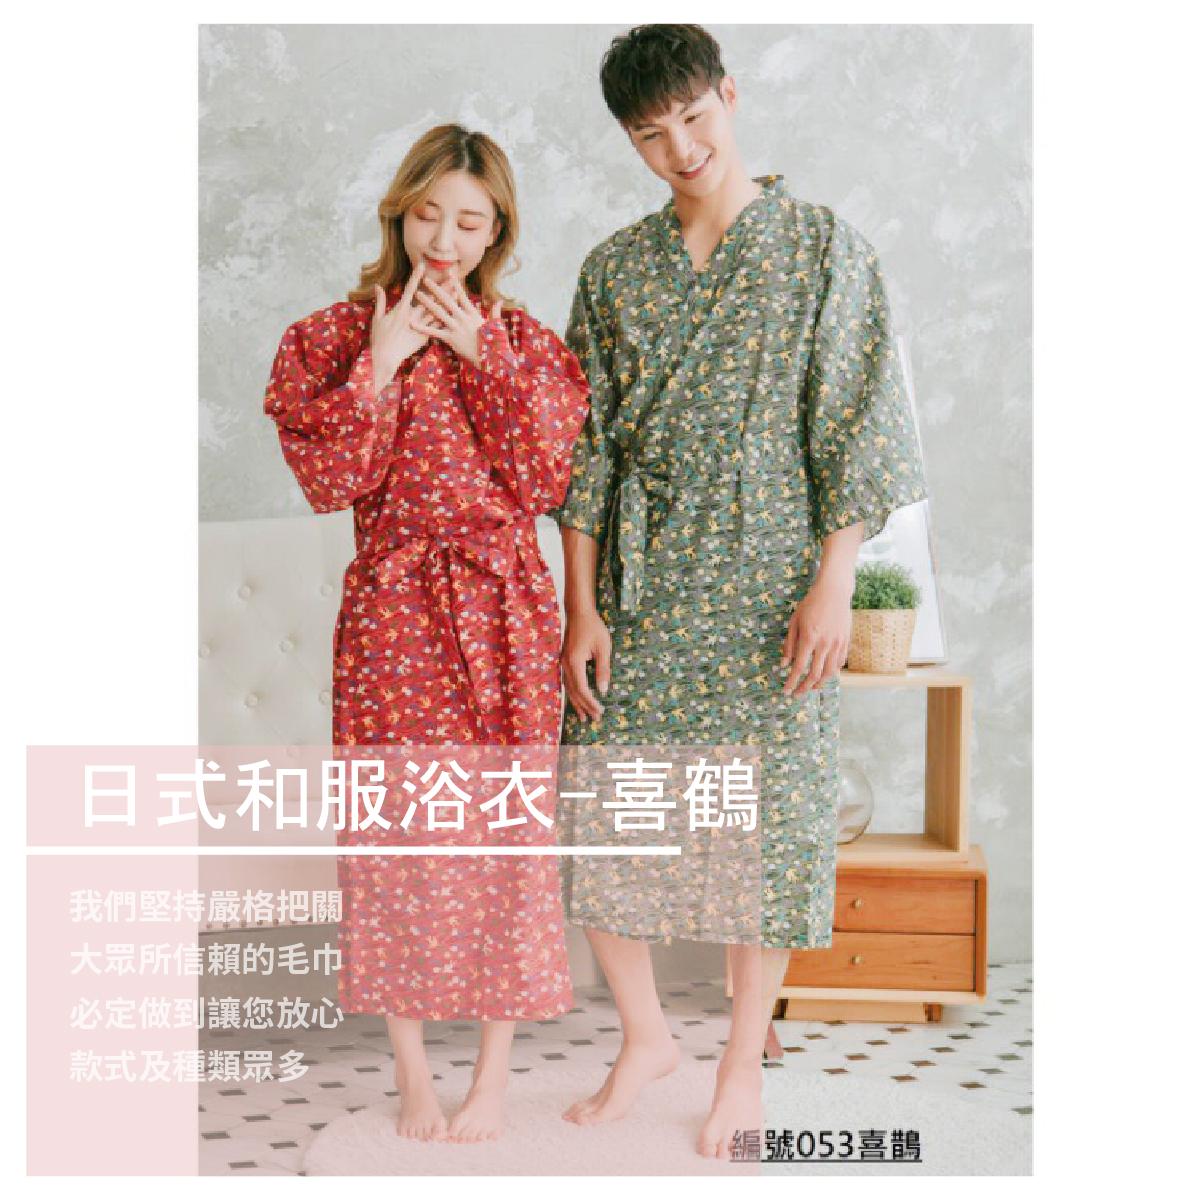 日式和服浴衣 / 喜鶴圖案 2色